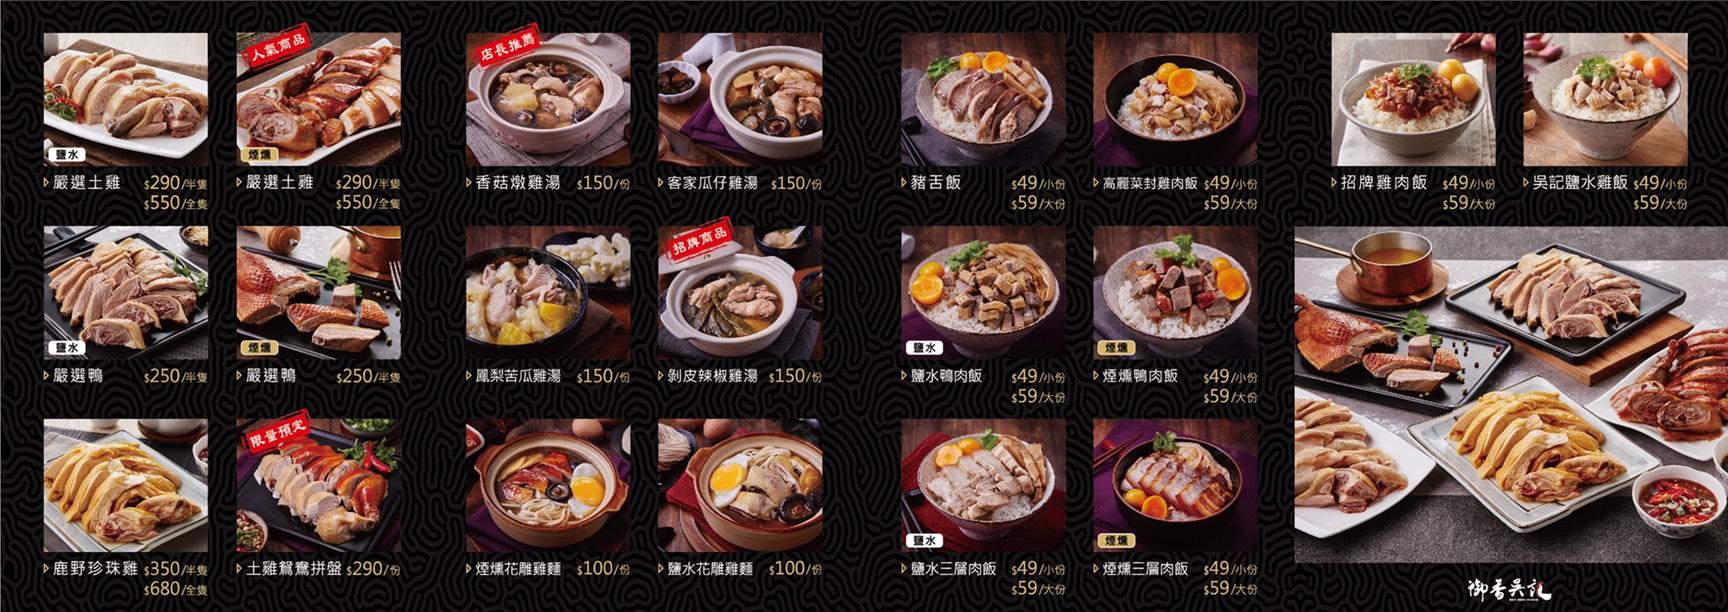 御香吳記2019菜單-1